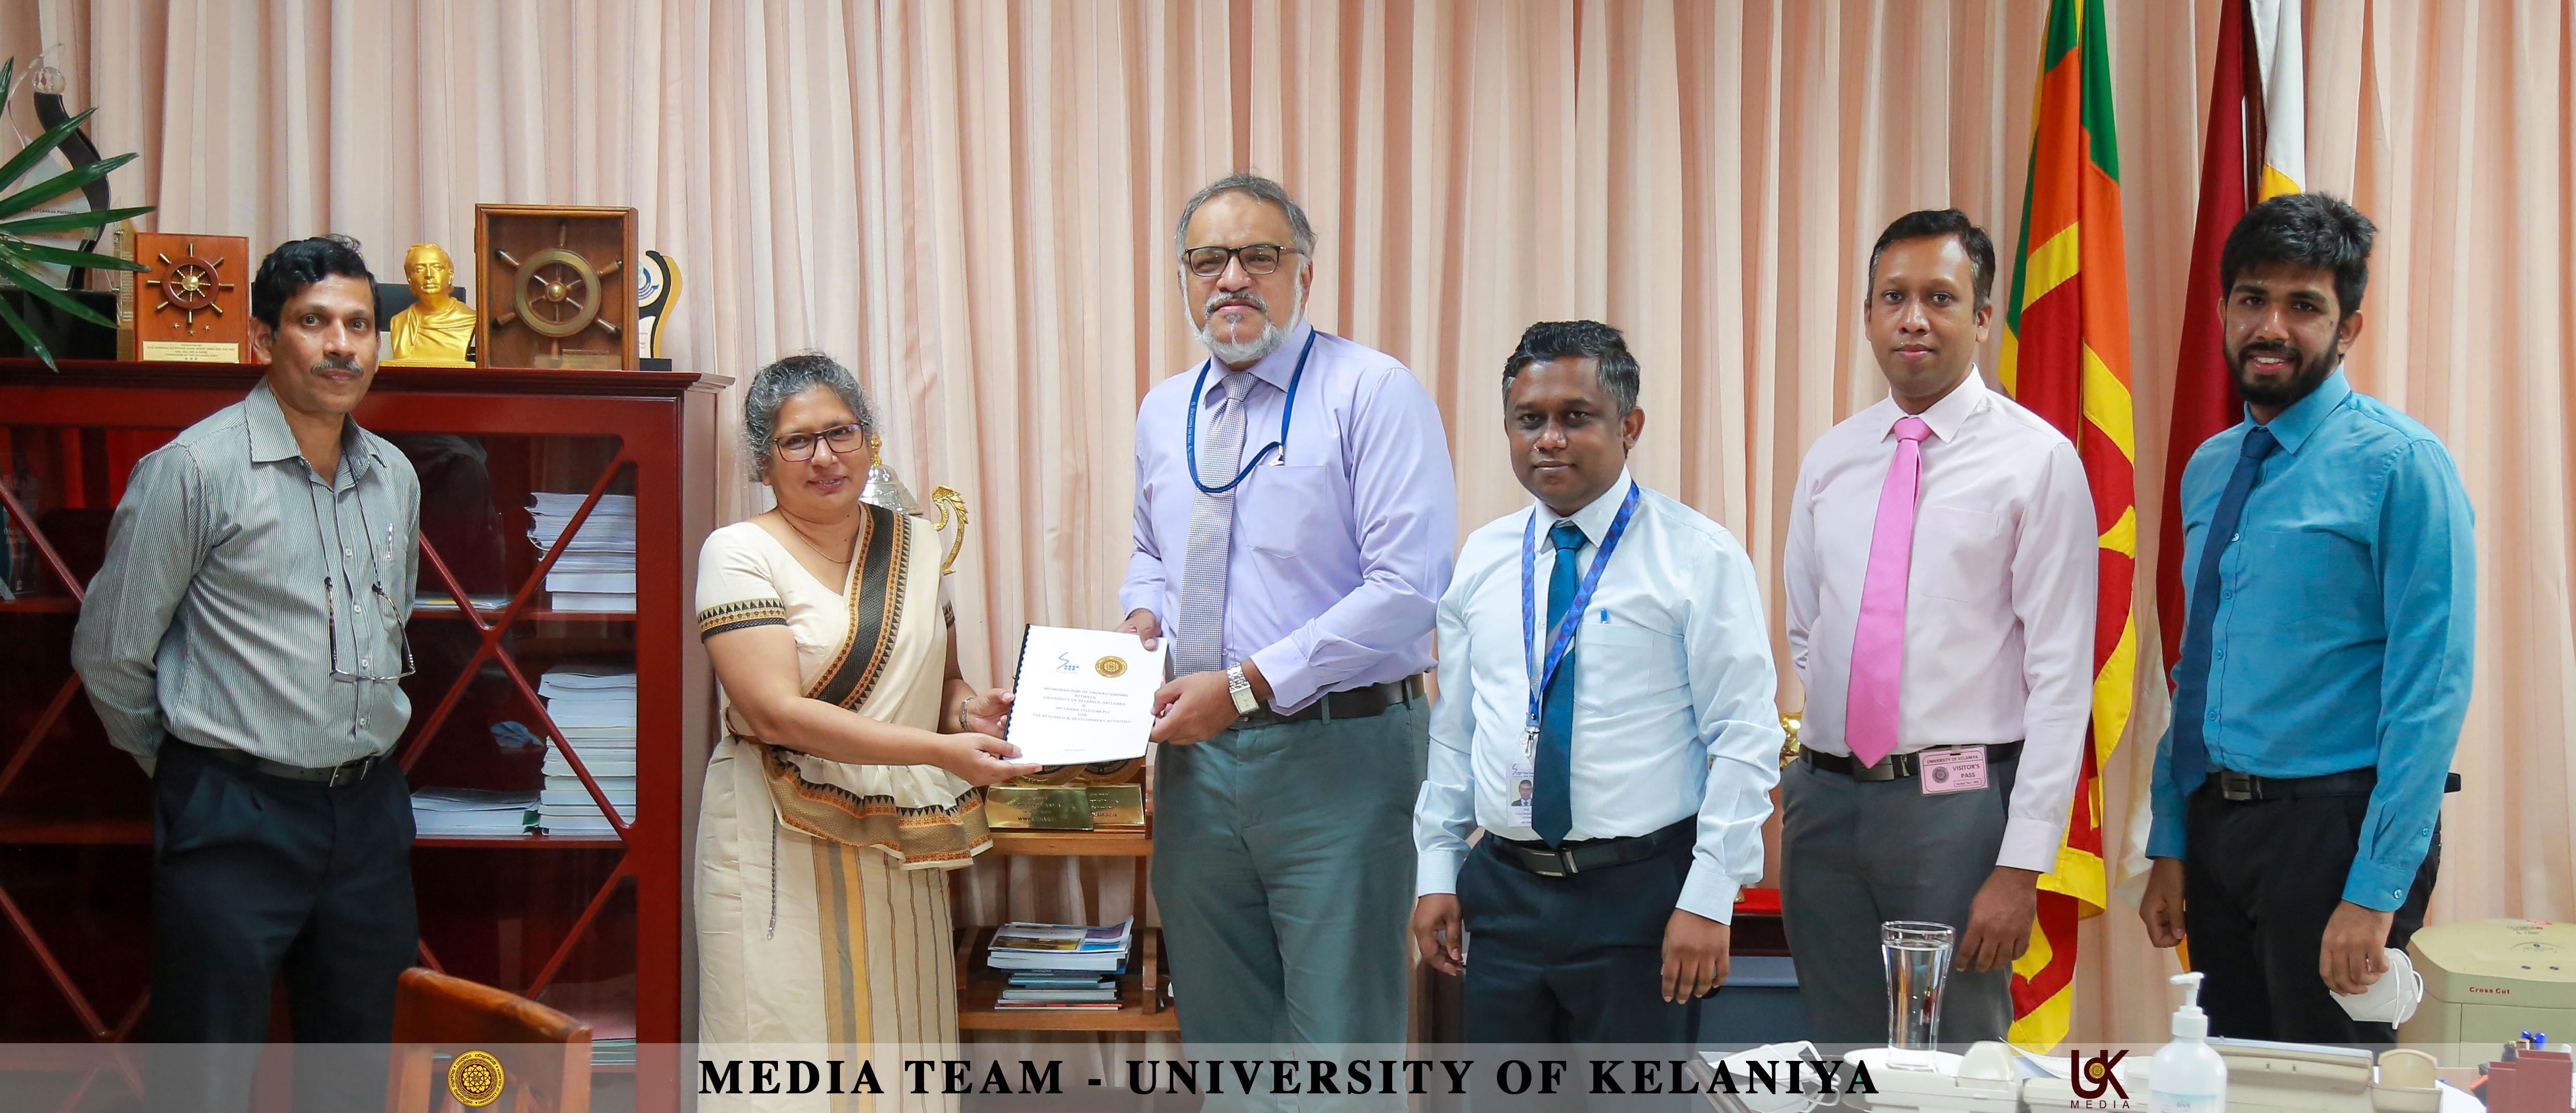 MoU Signed Between University of Kelaniya and Sri Lanka Telecom